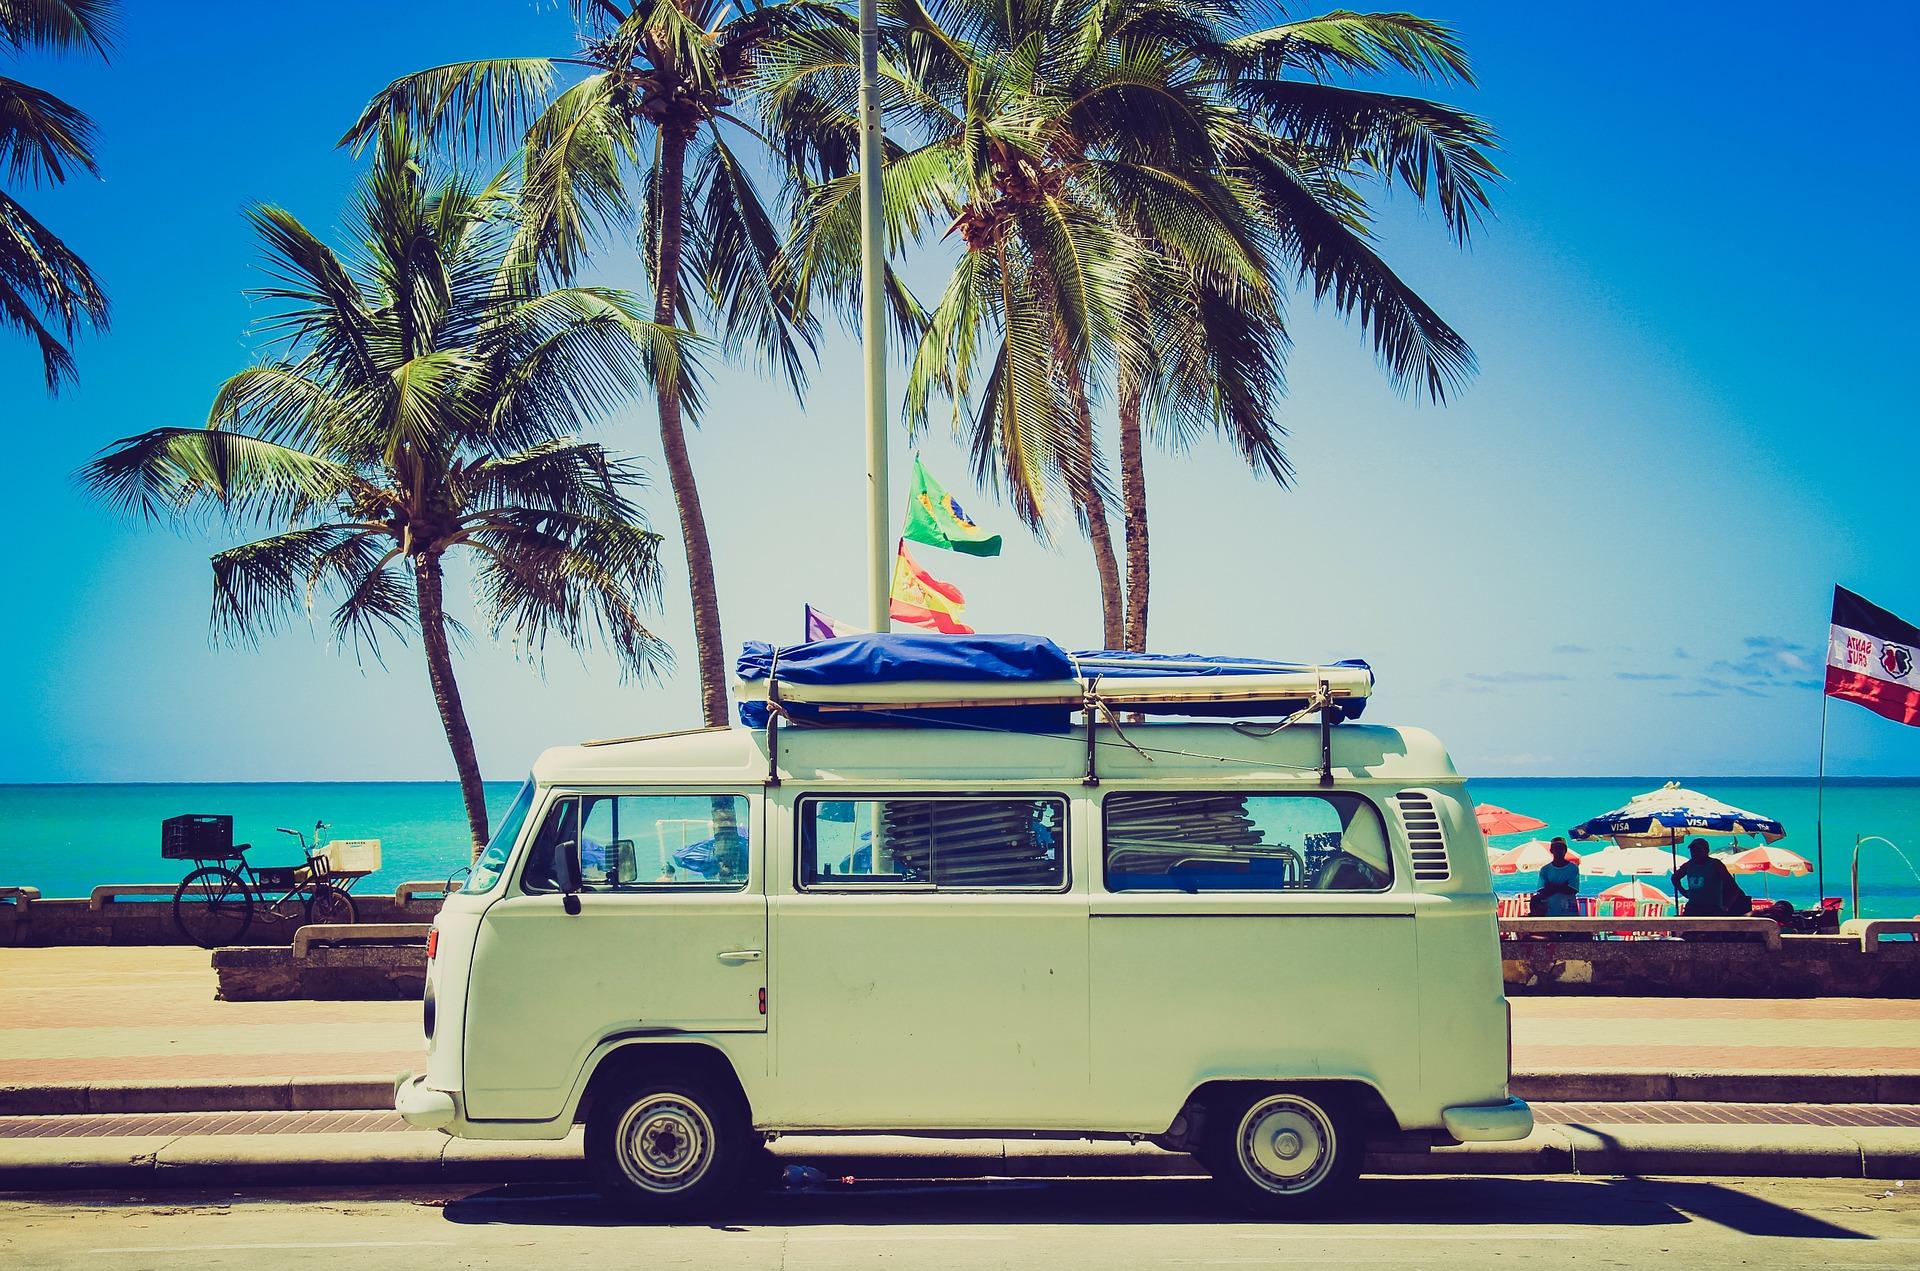 【旅行×デート】カップルで旅行に行く時に喧嘩を防ぐ5つのポイント